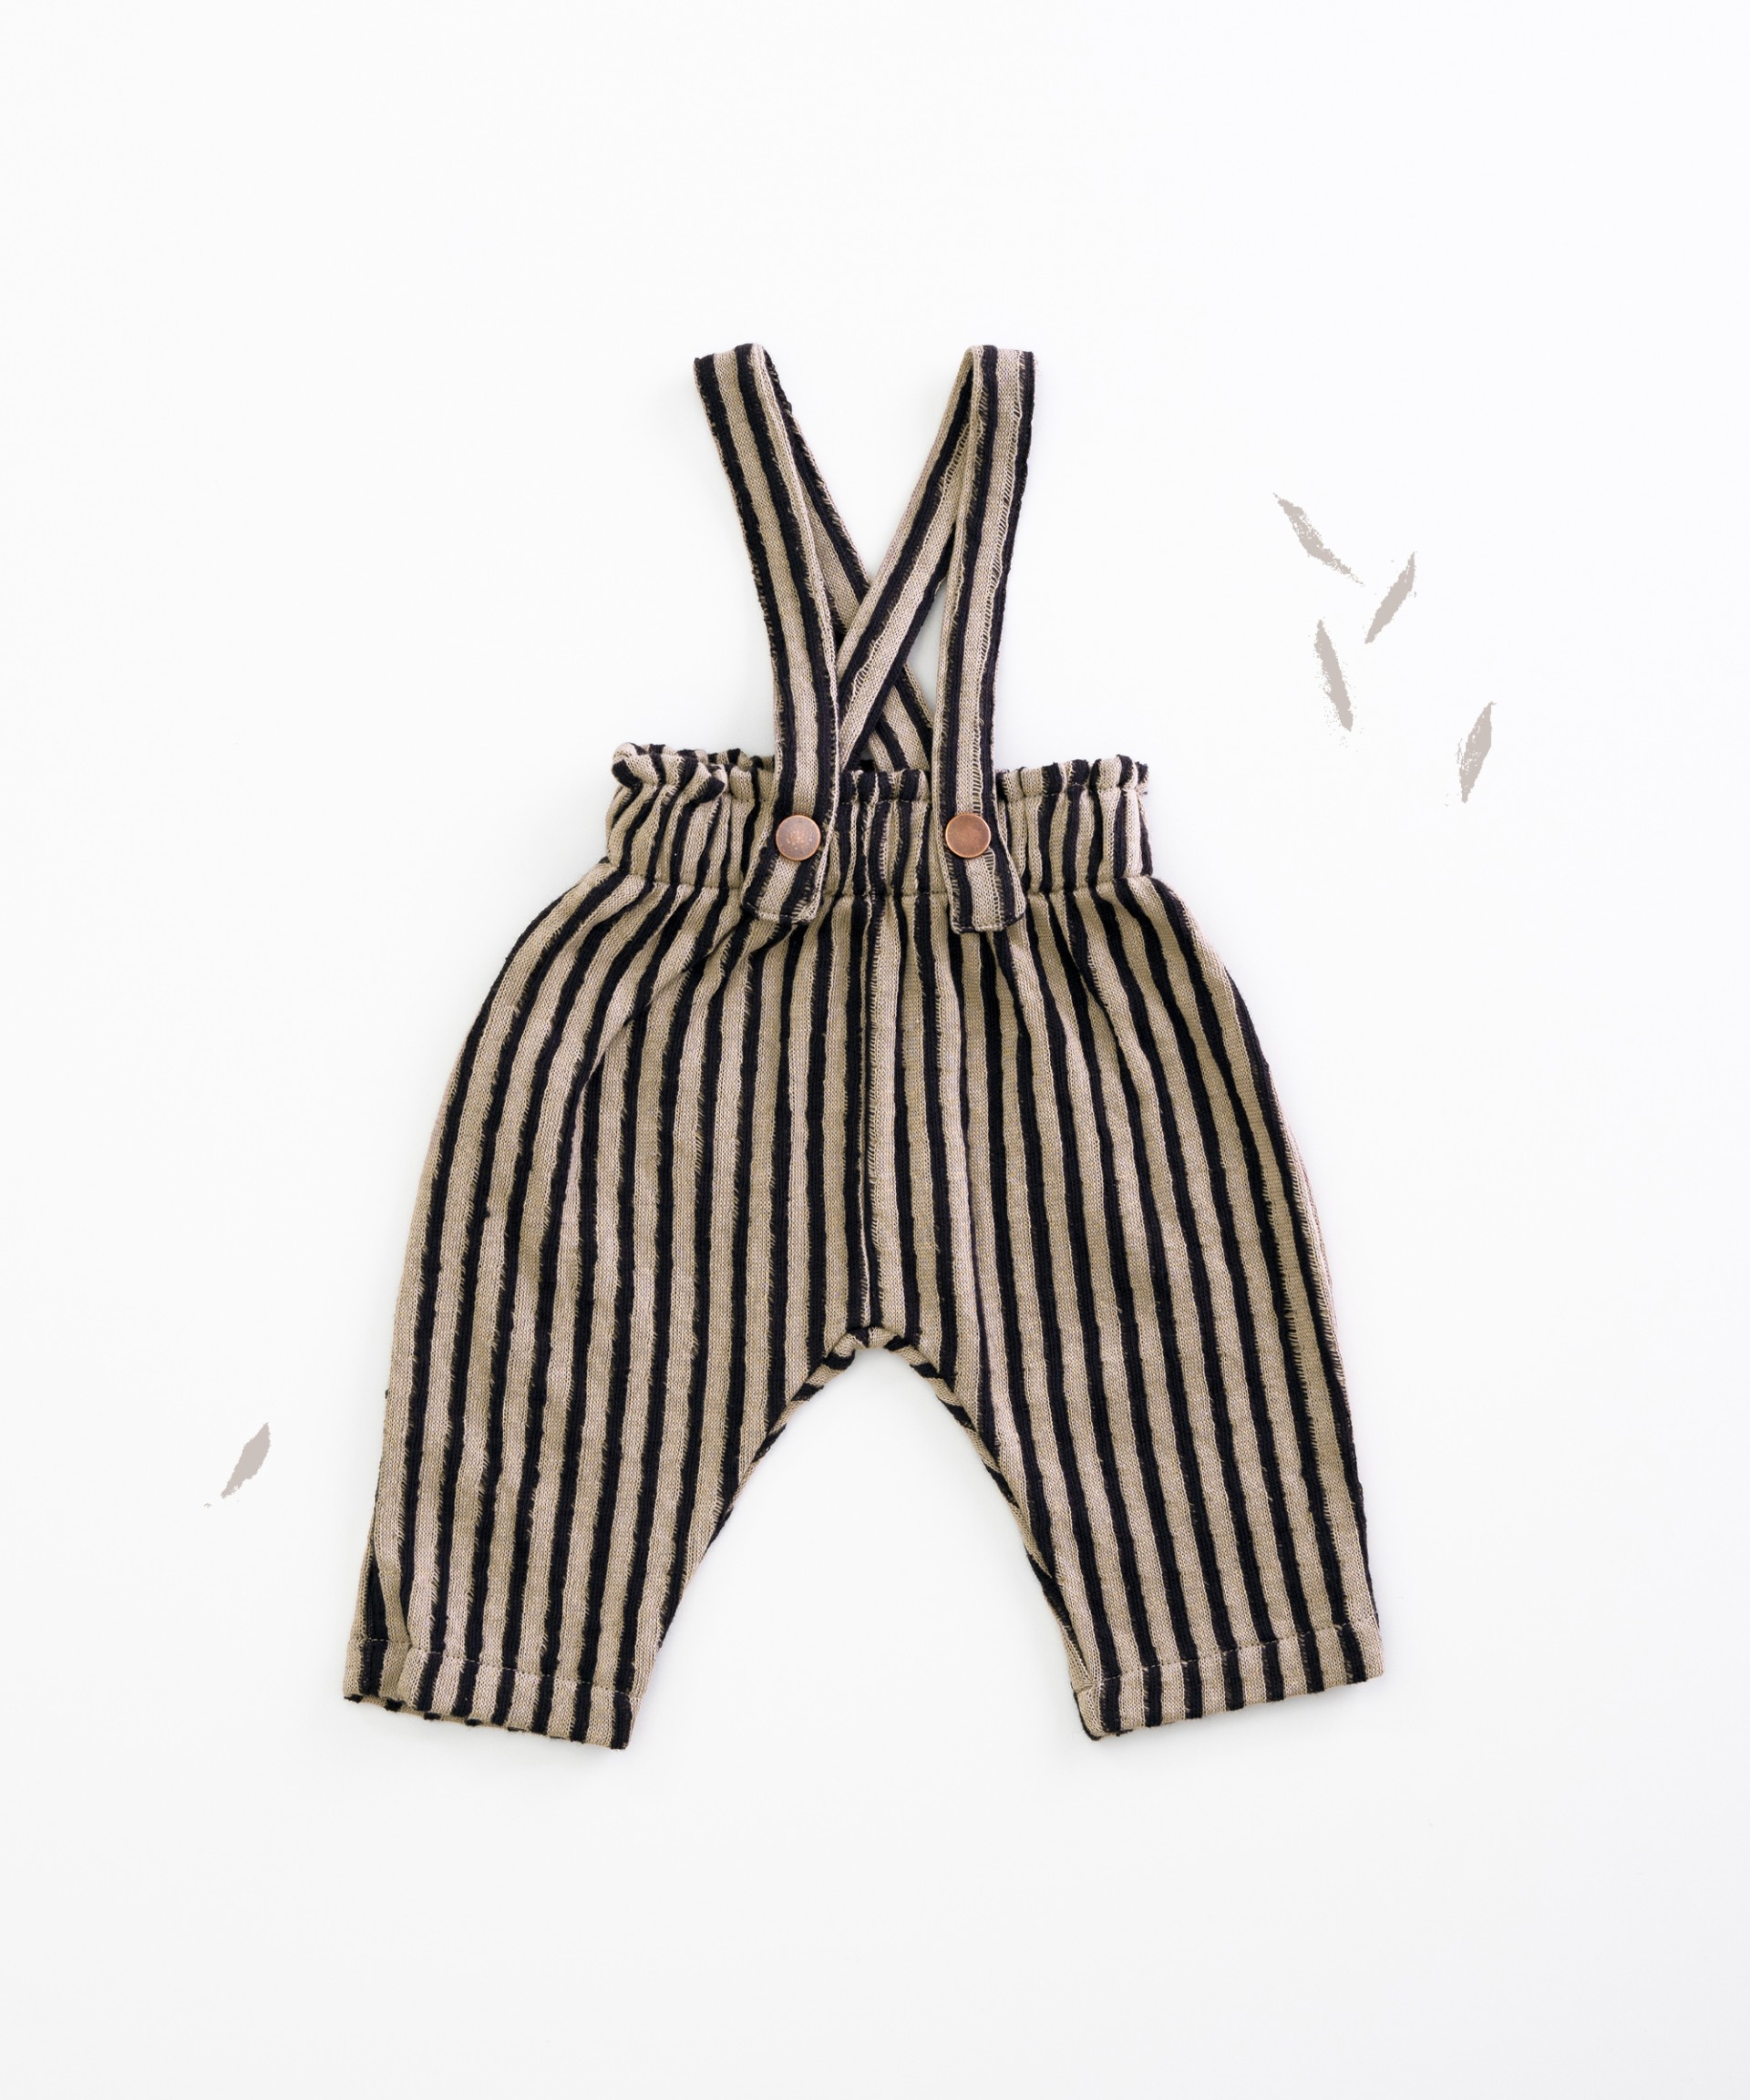 Pantalón de algodón orgánico con tirantes | Woodwork